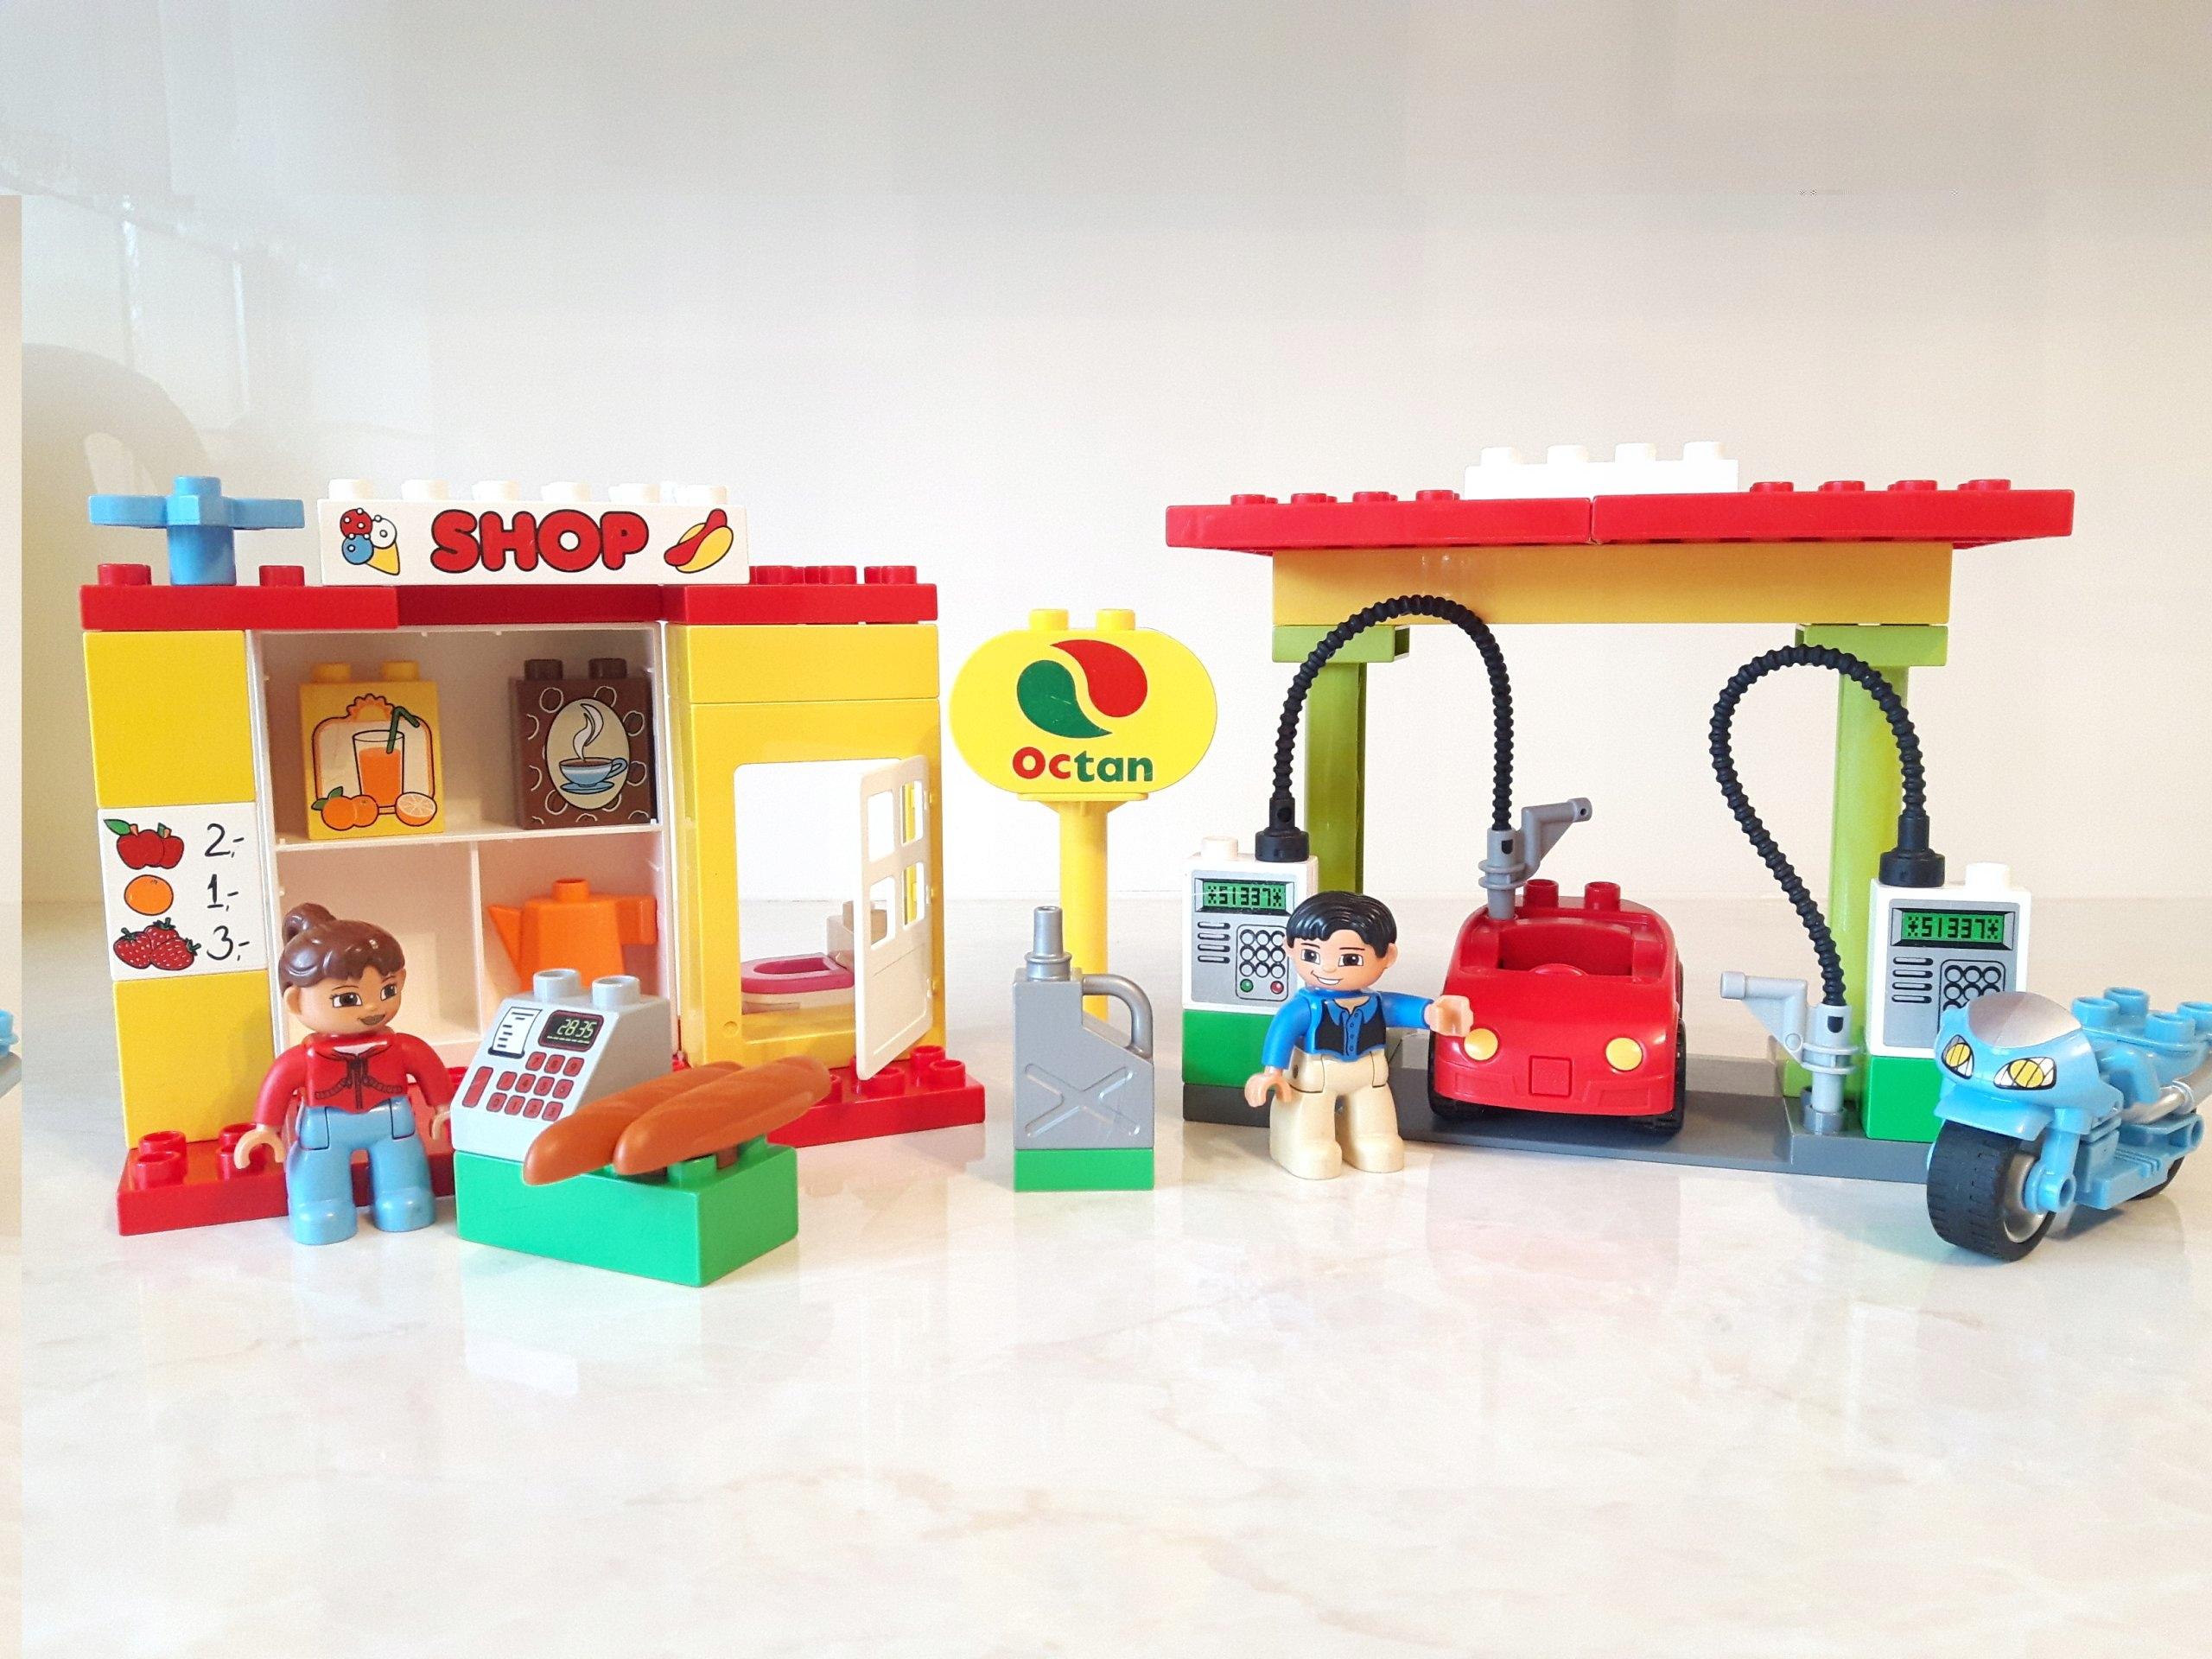 Lego Duplo Stacja Paliw 6171 Cpn Sklep Unikat 7441432455